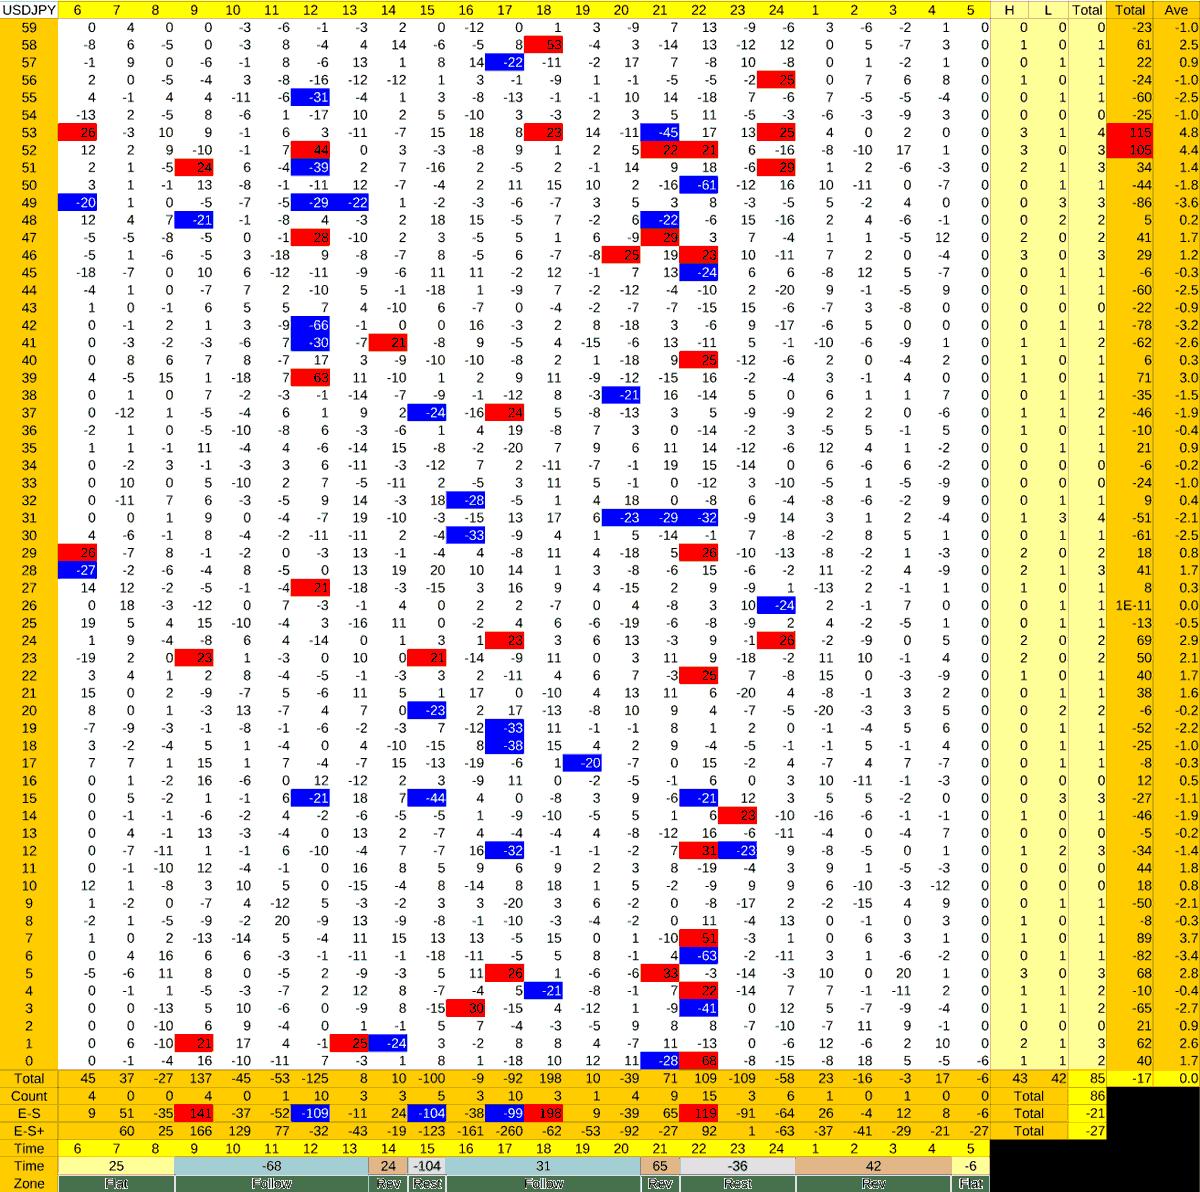 20210319_HS(1)USDJPY-min